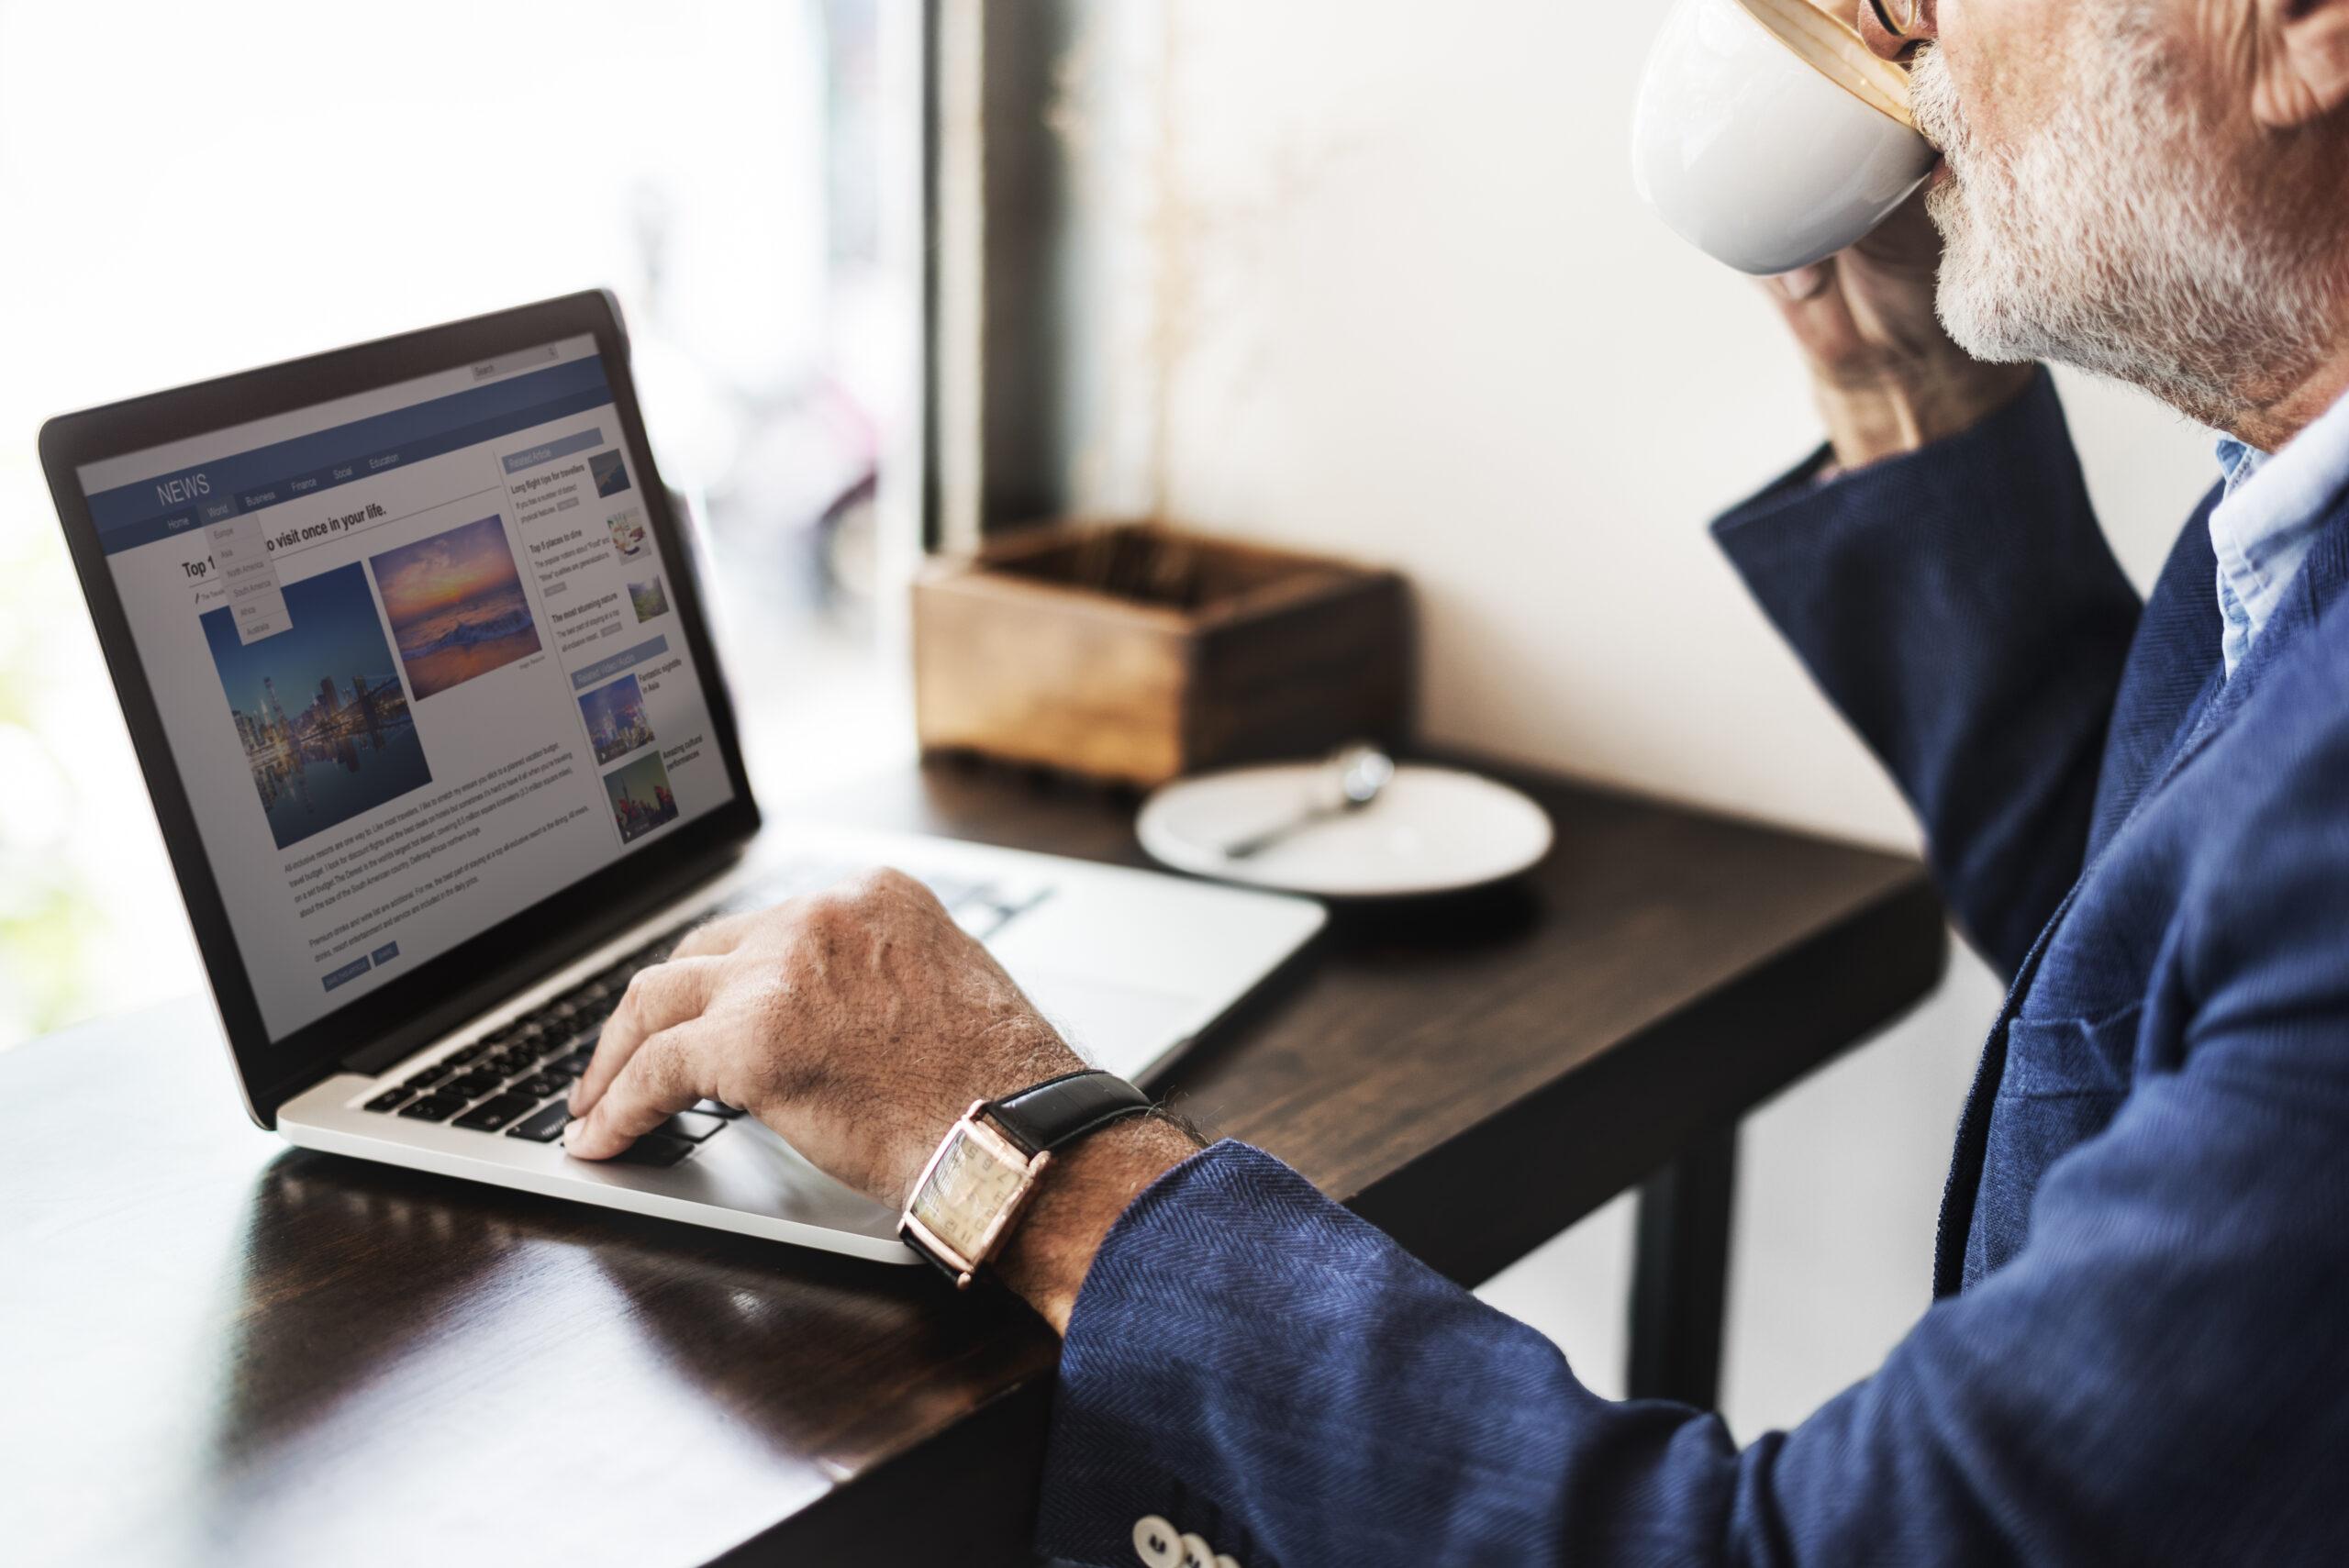 Mężczyzna w garniturze przegląda przy kawie artykuły na laptopie